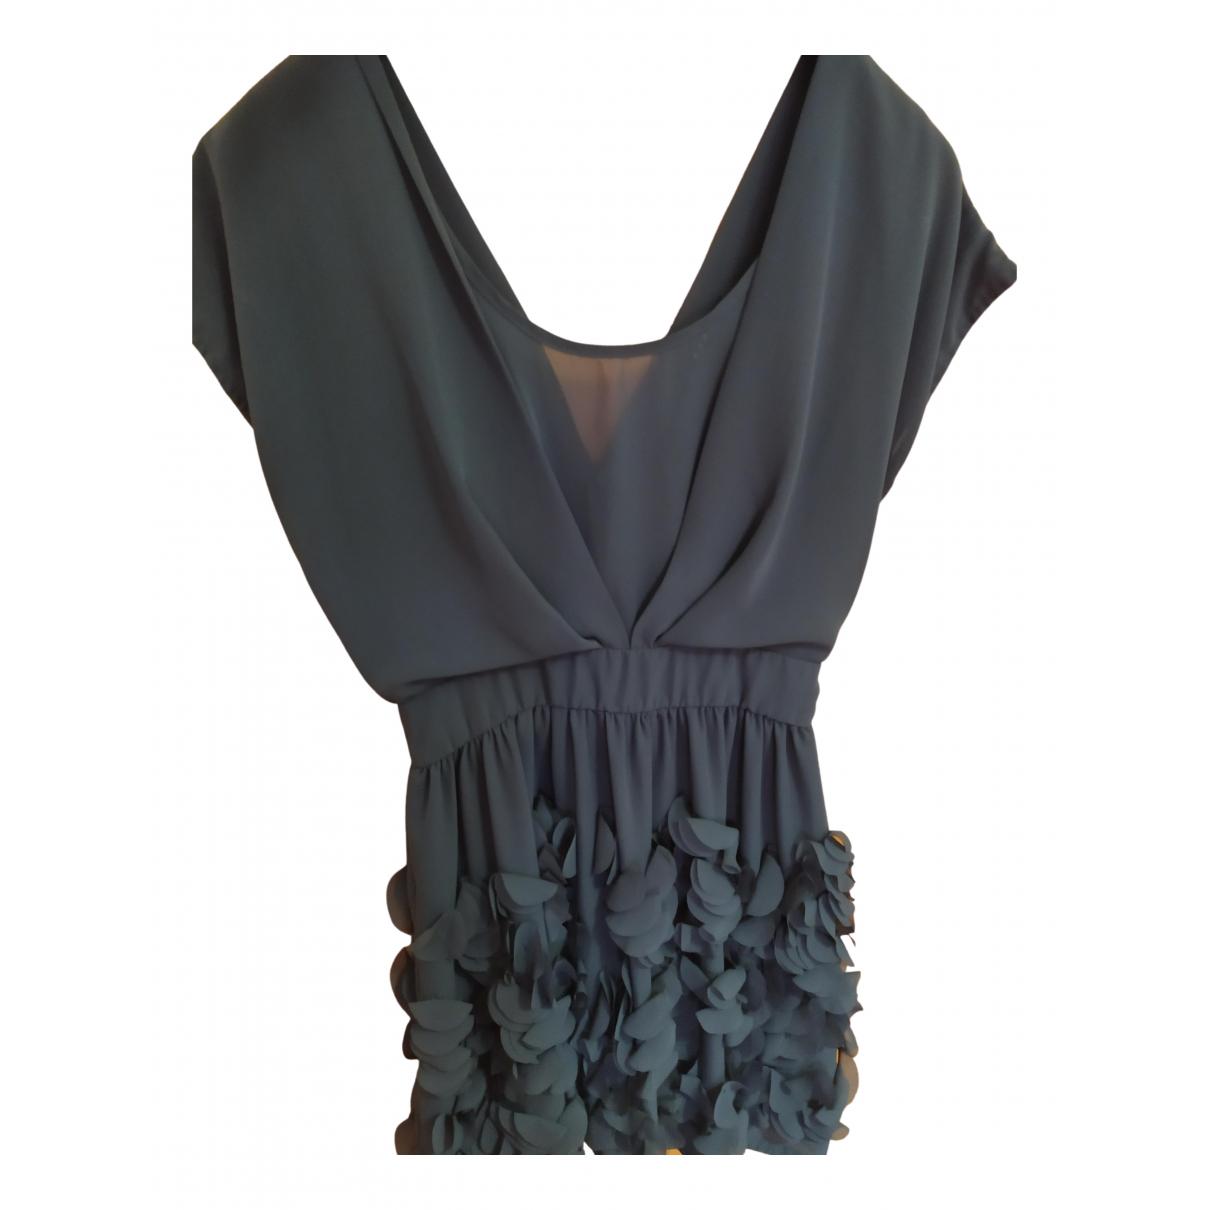 Sistes \N Kleid in  Gruen Polyester